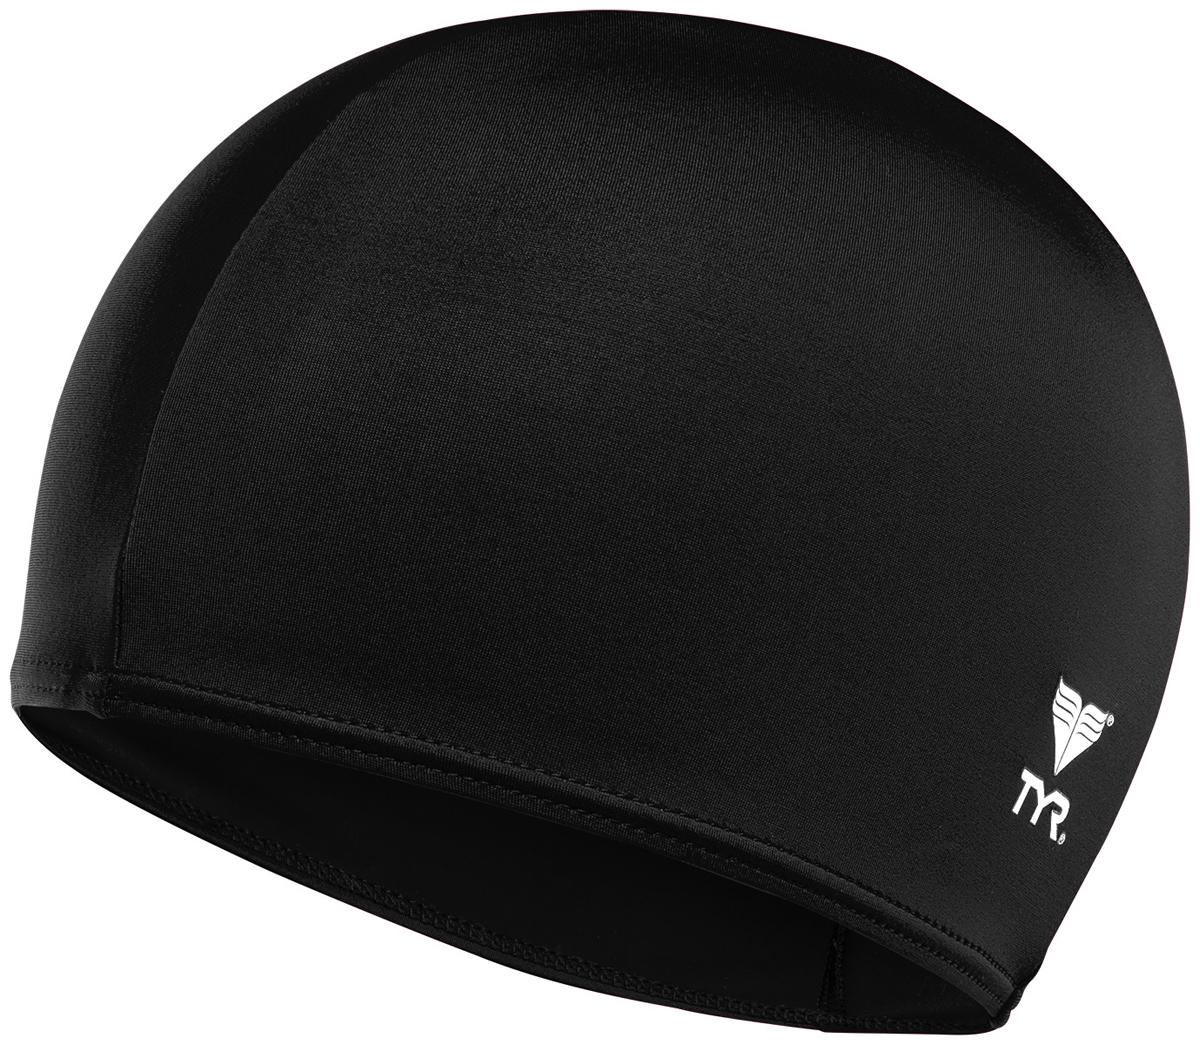 Шапочка для плавания Tyr Solid Lycra Cap, цвет: черный. LCY шапочка для плавания tyr tyr ty003dujzb79